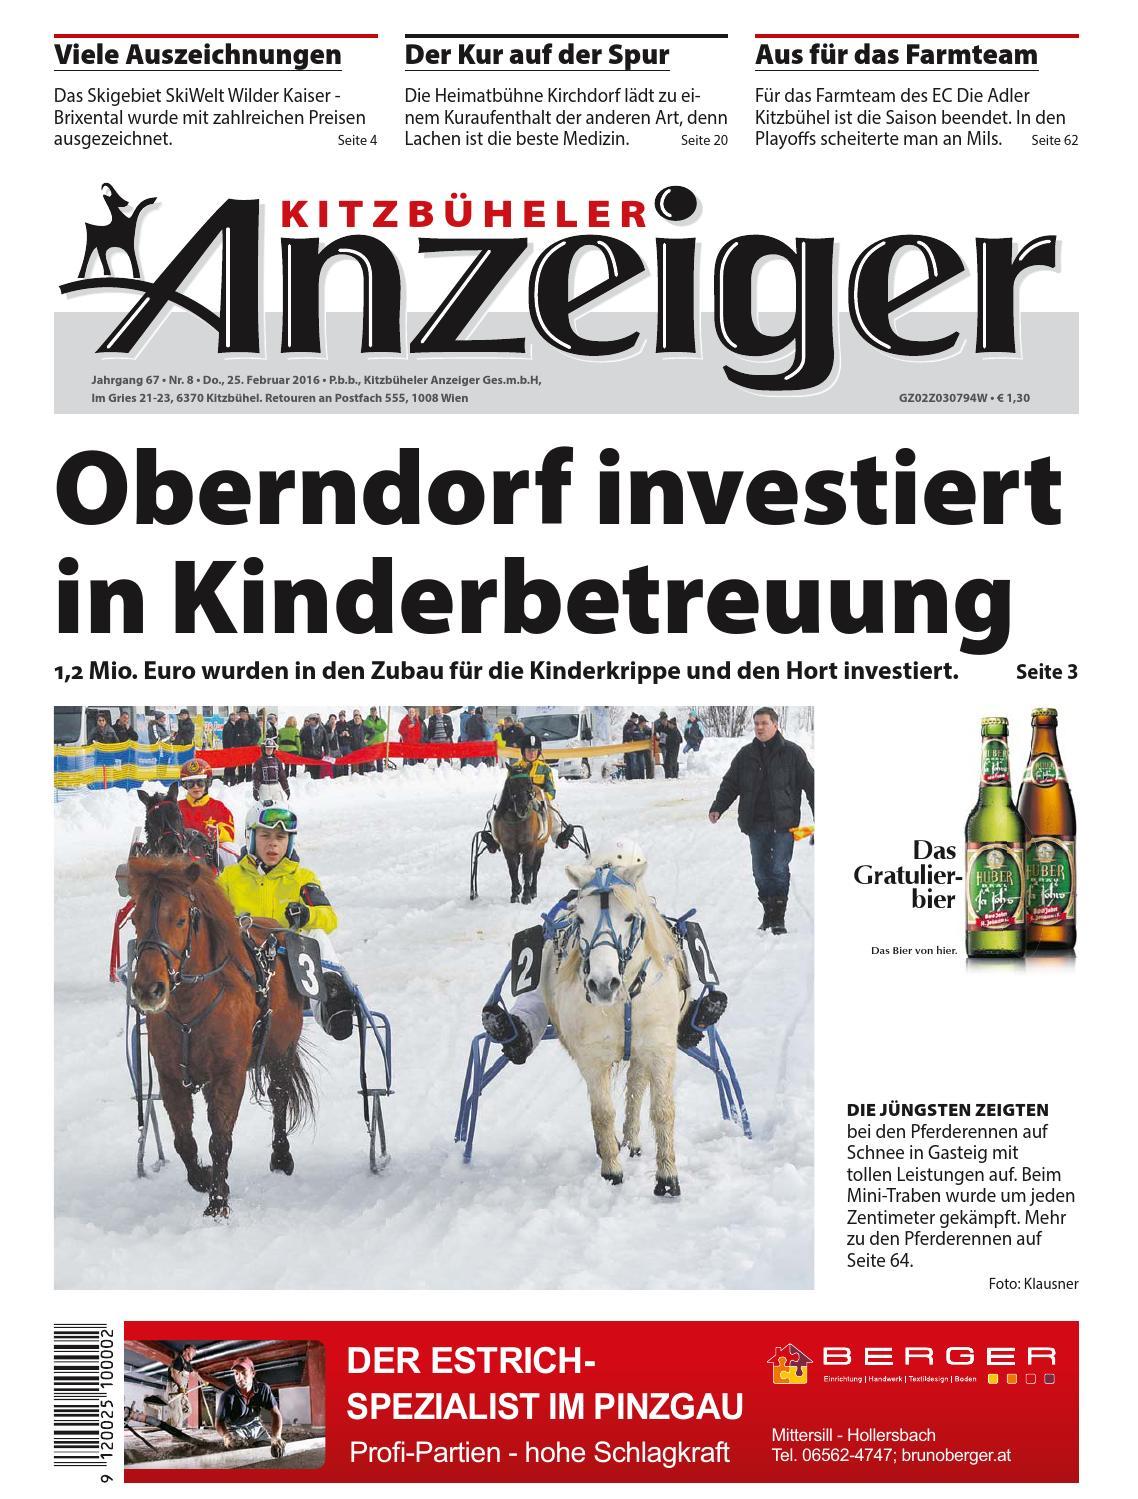 Kitzbüheler Anzeiger 08 2016 By Kitzanzeiger Issuu